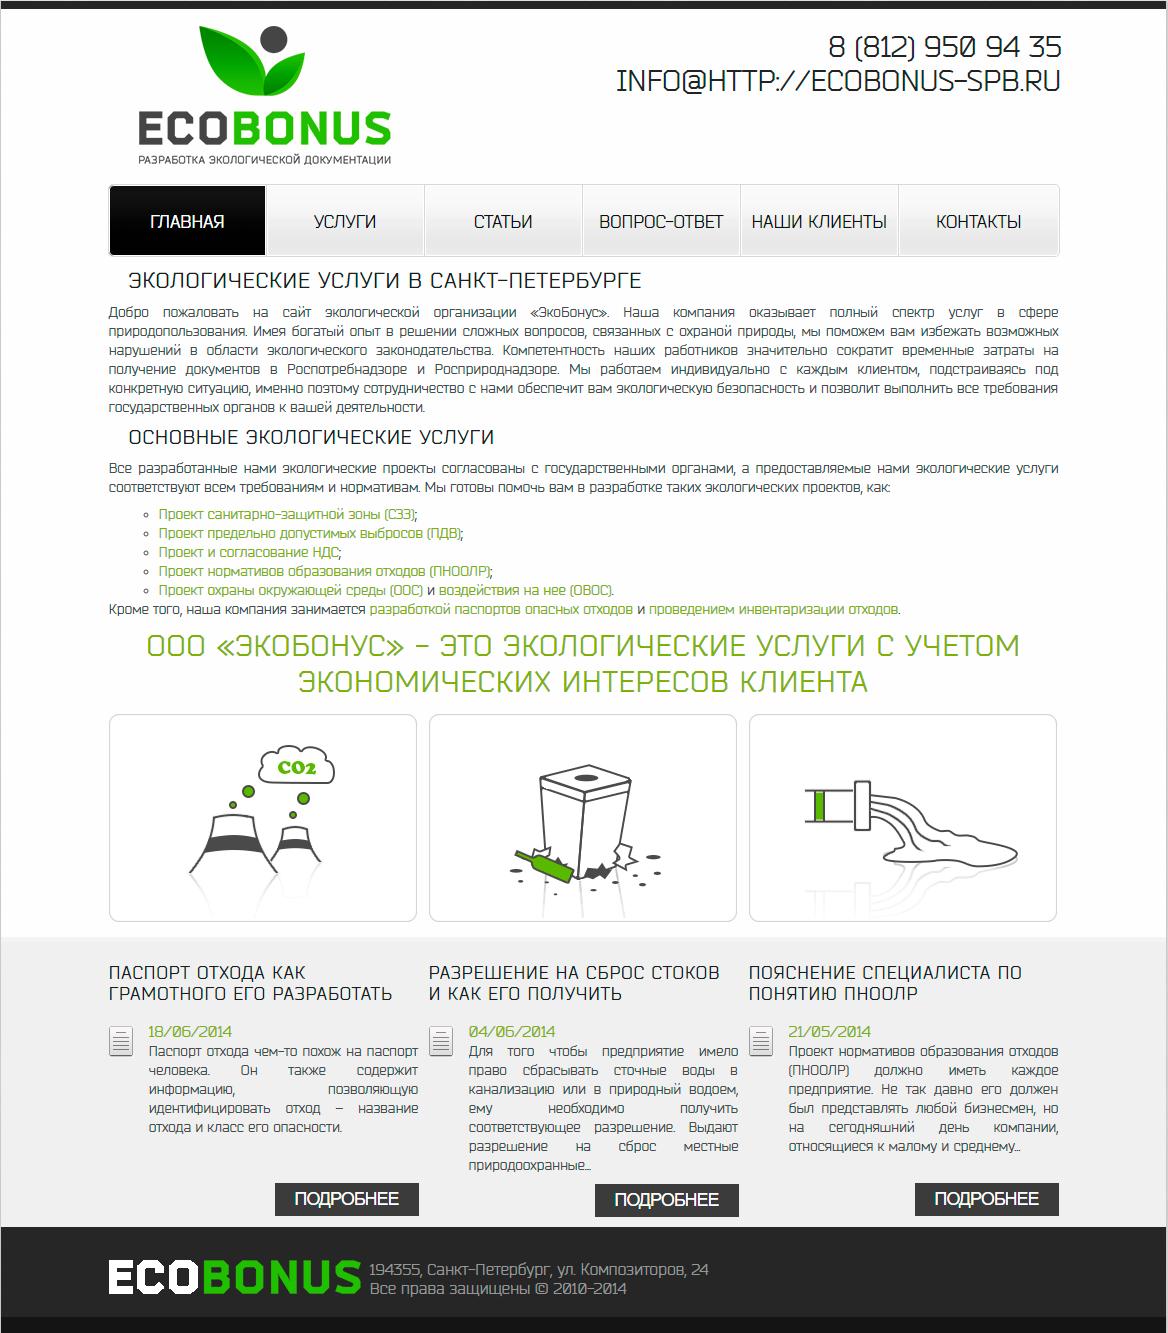 Экологическая фирма EcoBonus